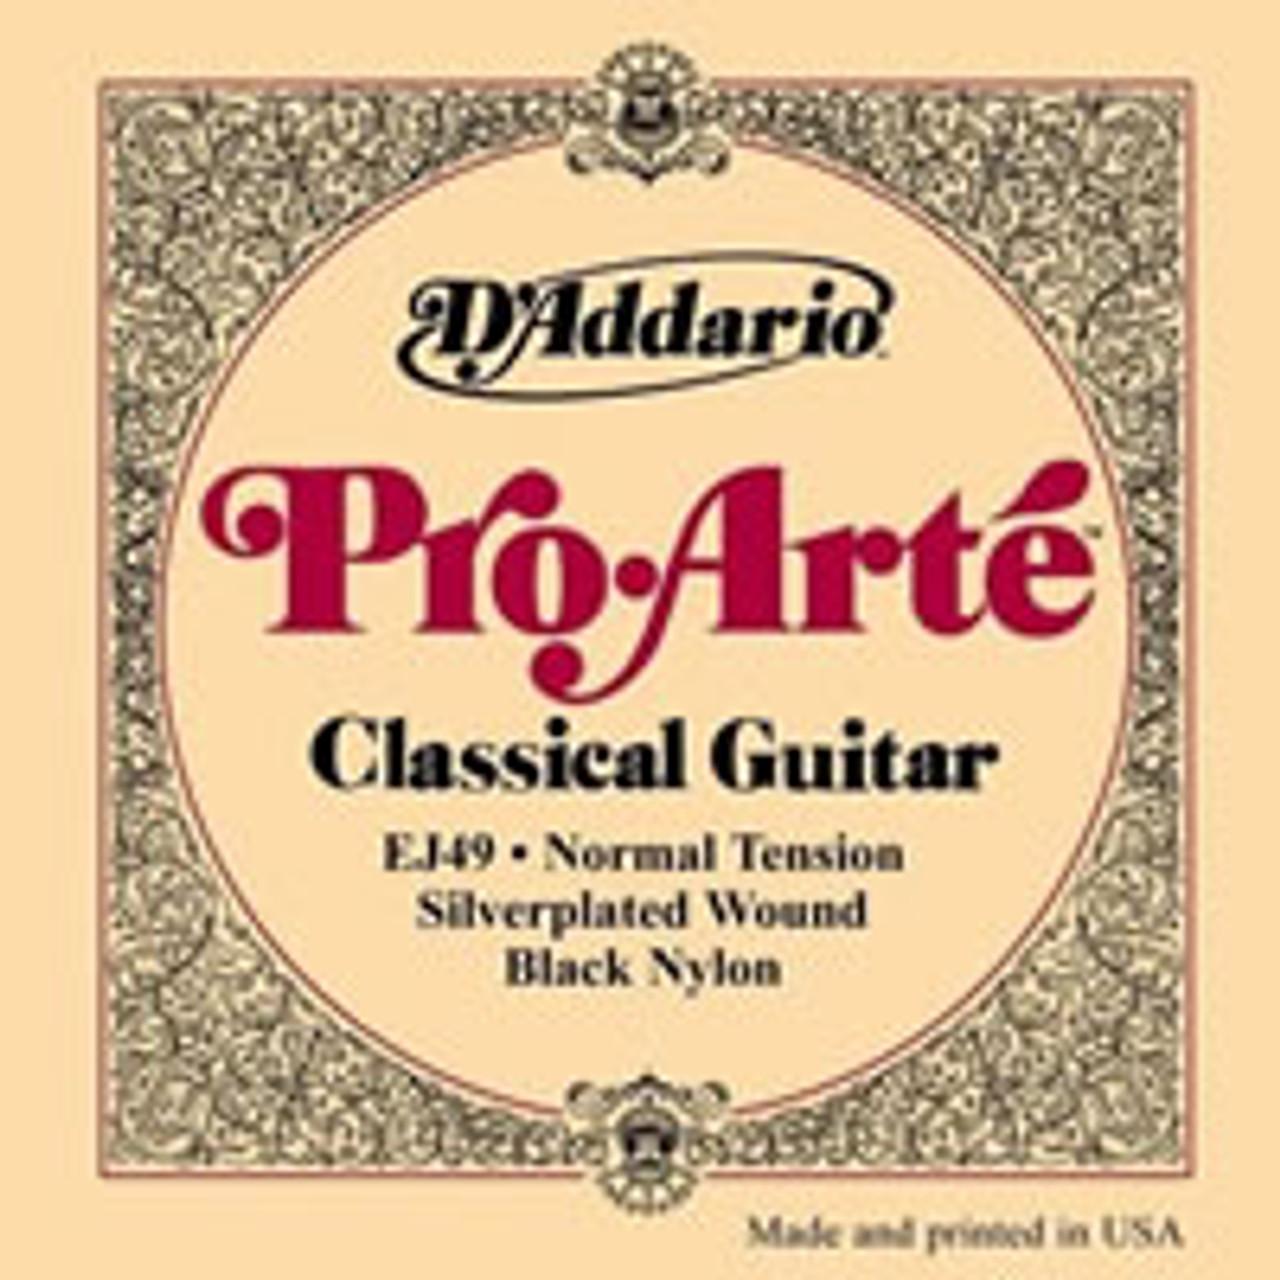 D'addario EJ49 Pro Arte Black Nylon Strings